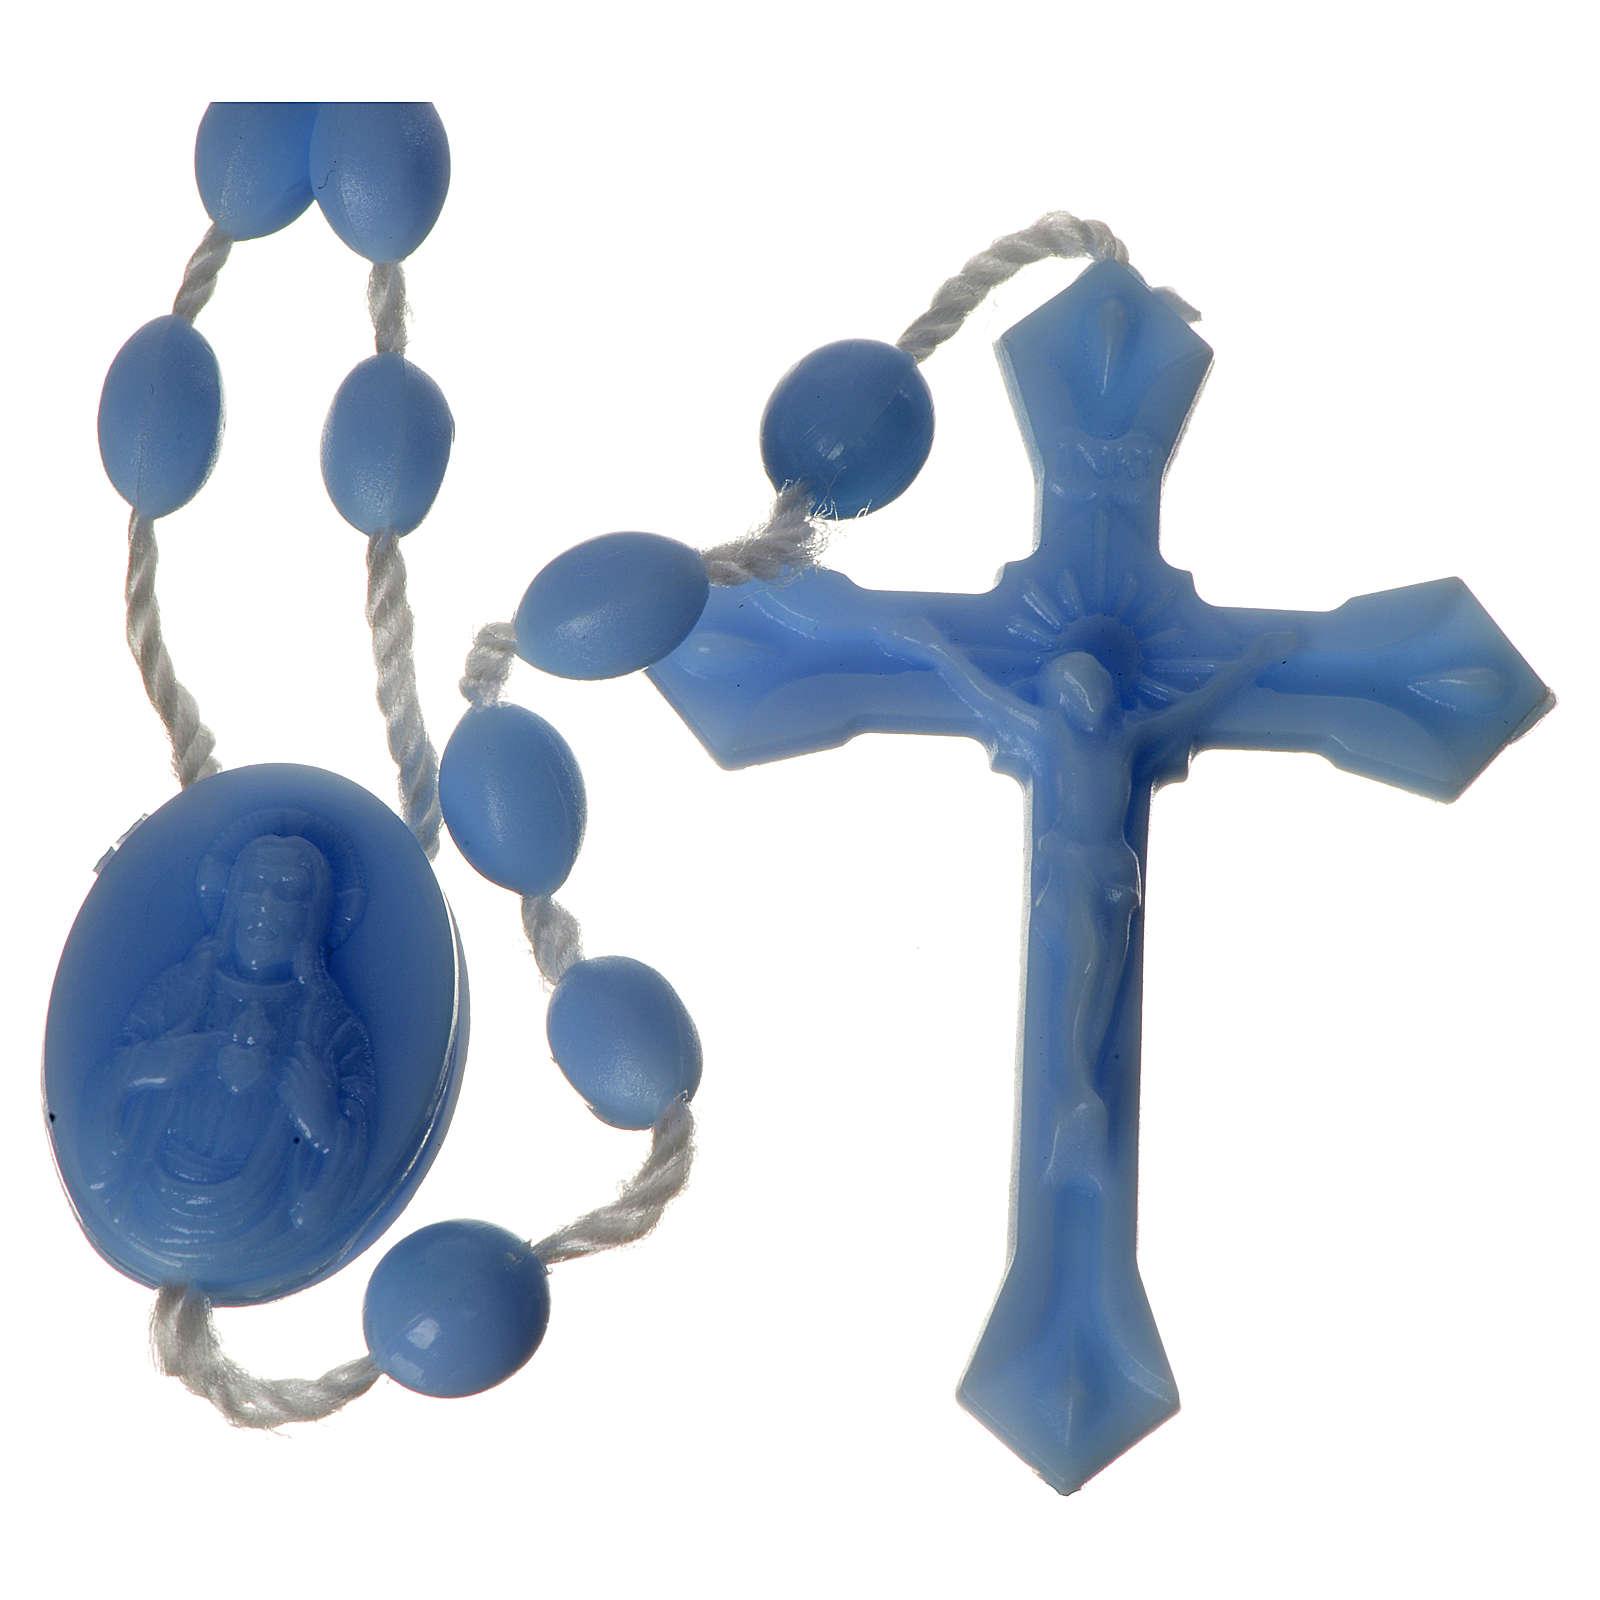 Chapelet nylon bleu ciel pièce central ouverture facile 4